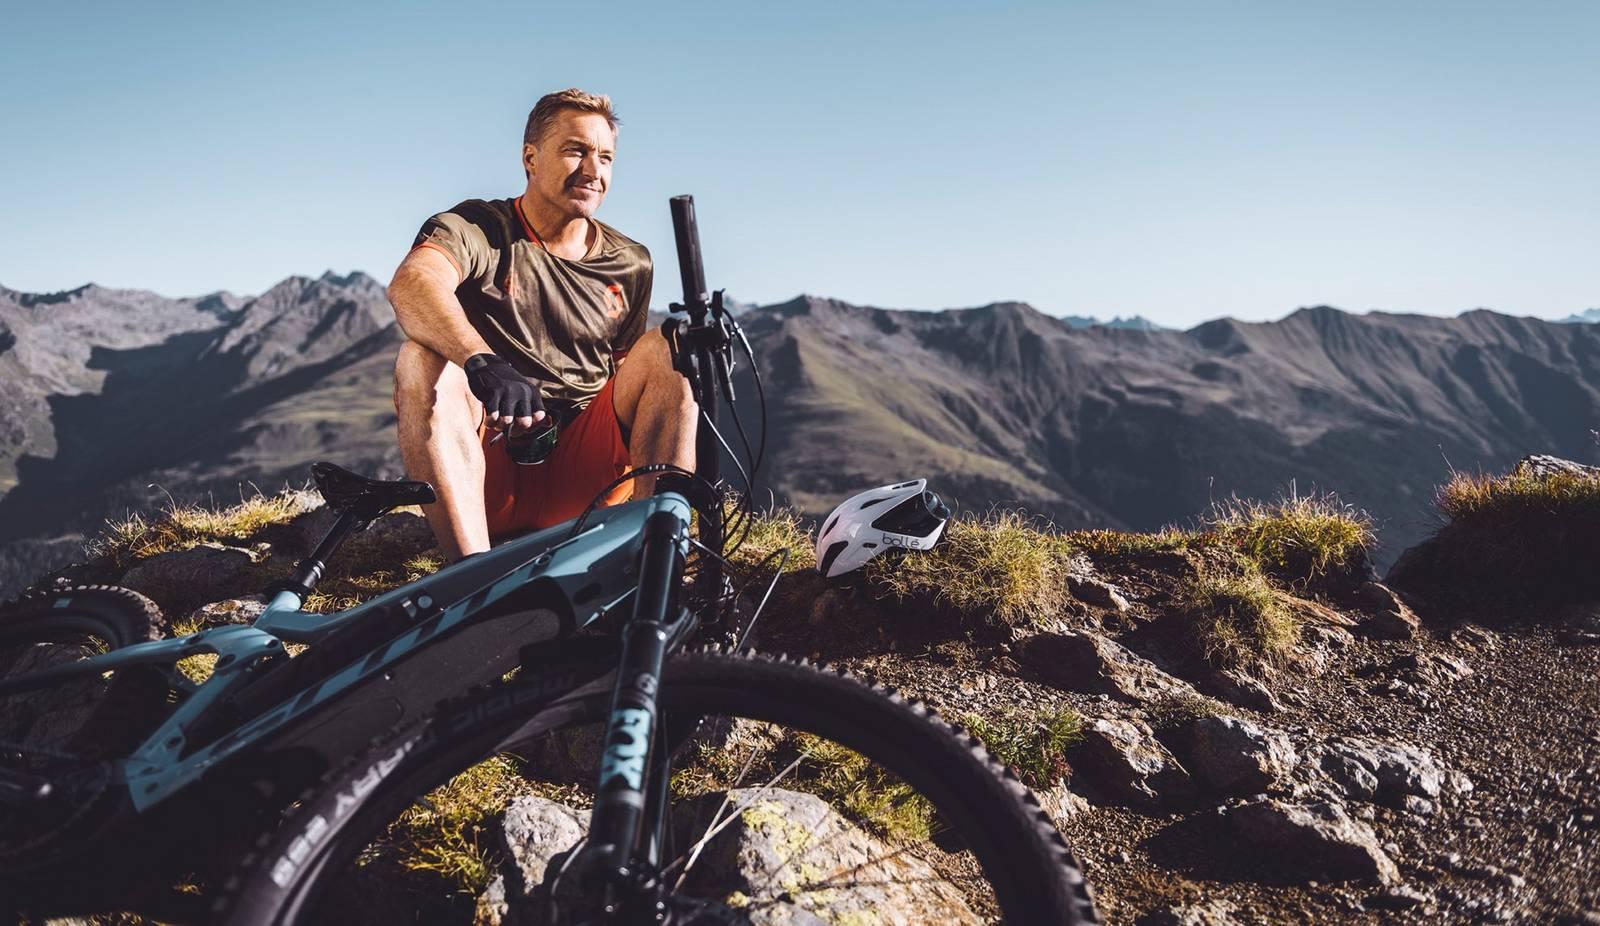 Hans Knauß genießt die Aussicht mit seinem E-Bike am Berg.